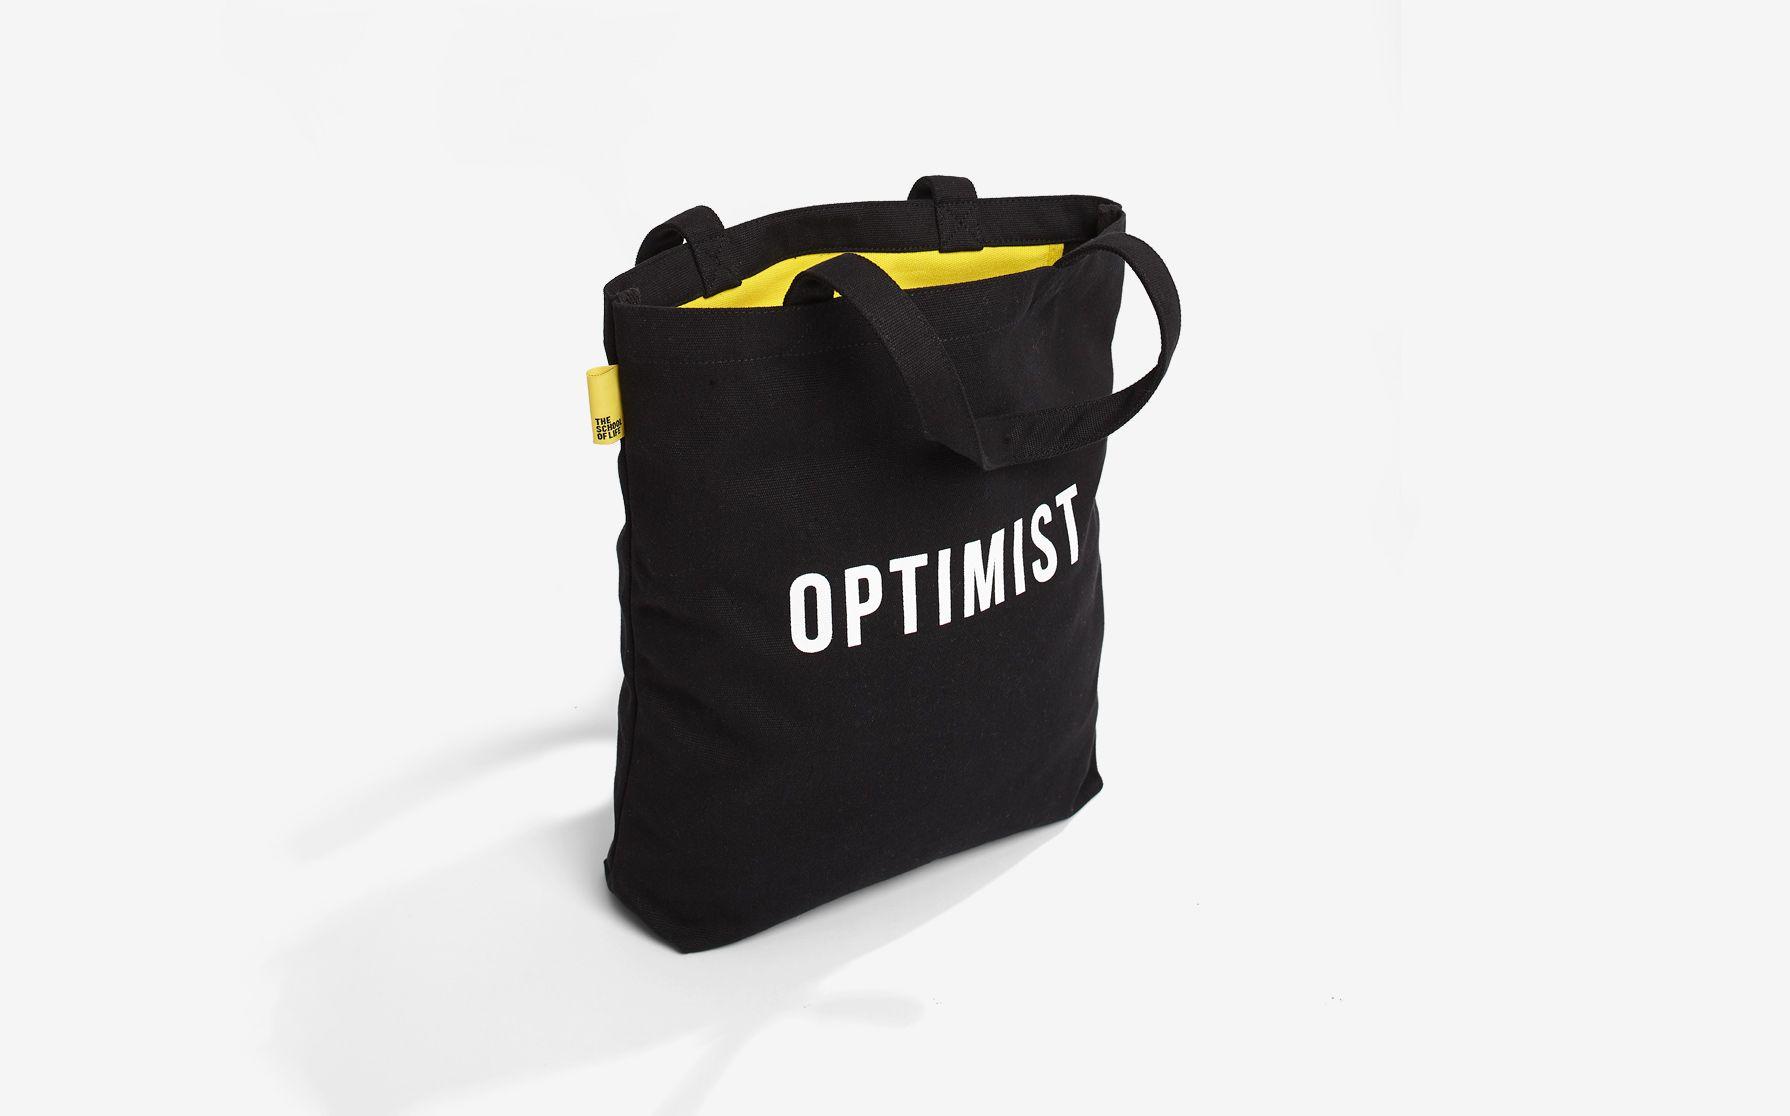 Optimist / pessimist tote bag